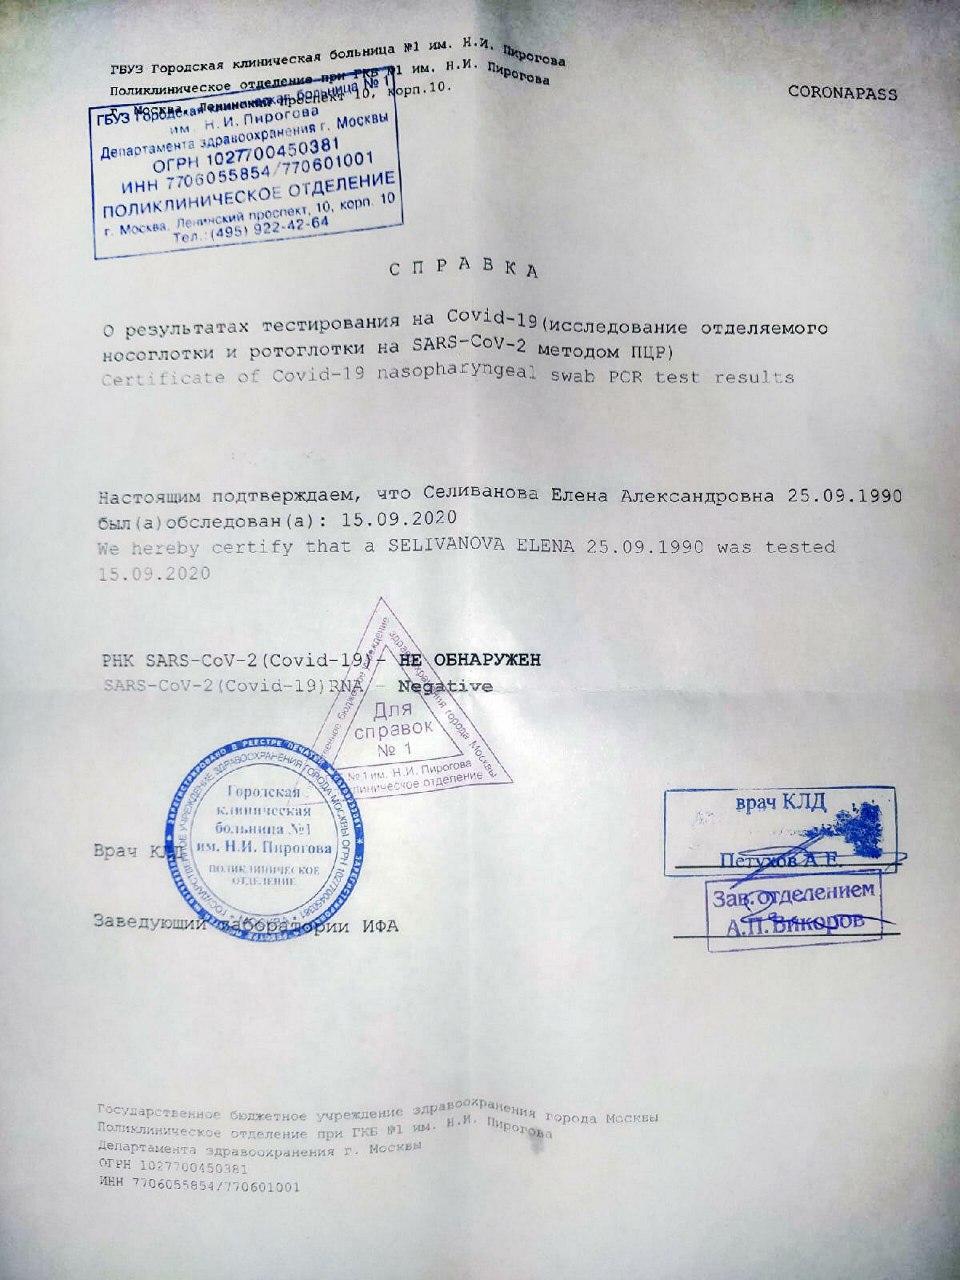 Справки об отсутствии коронавируса продают в Хабаровском крае